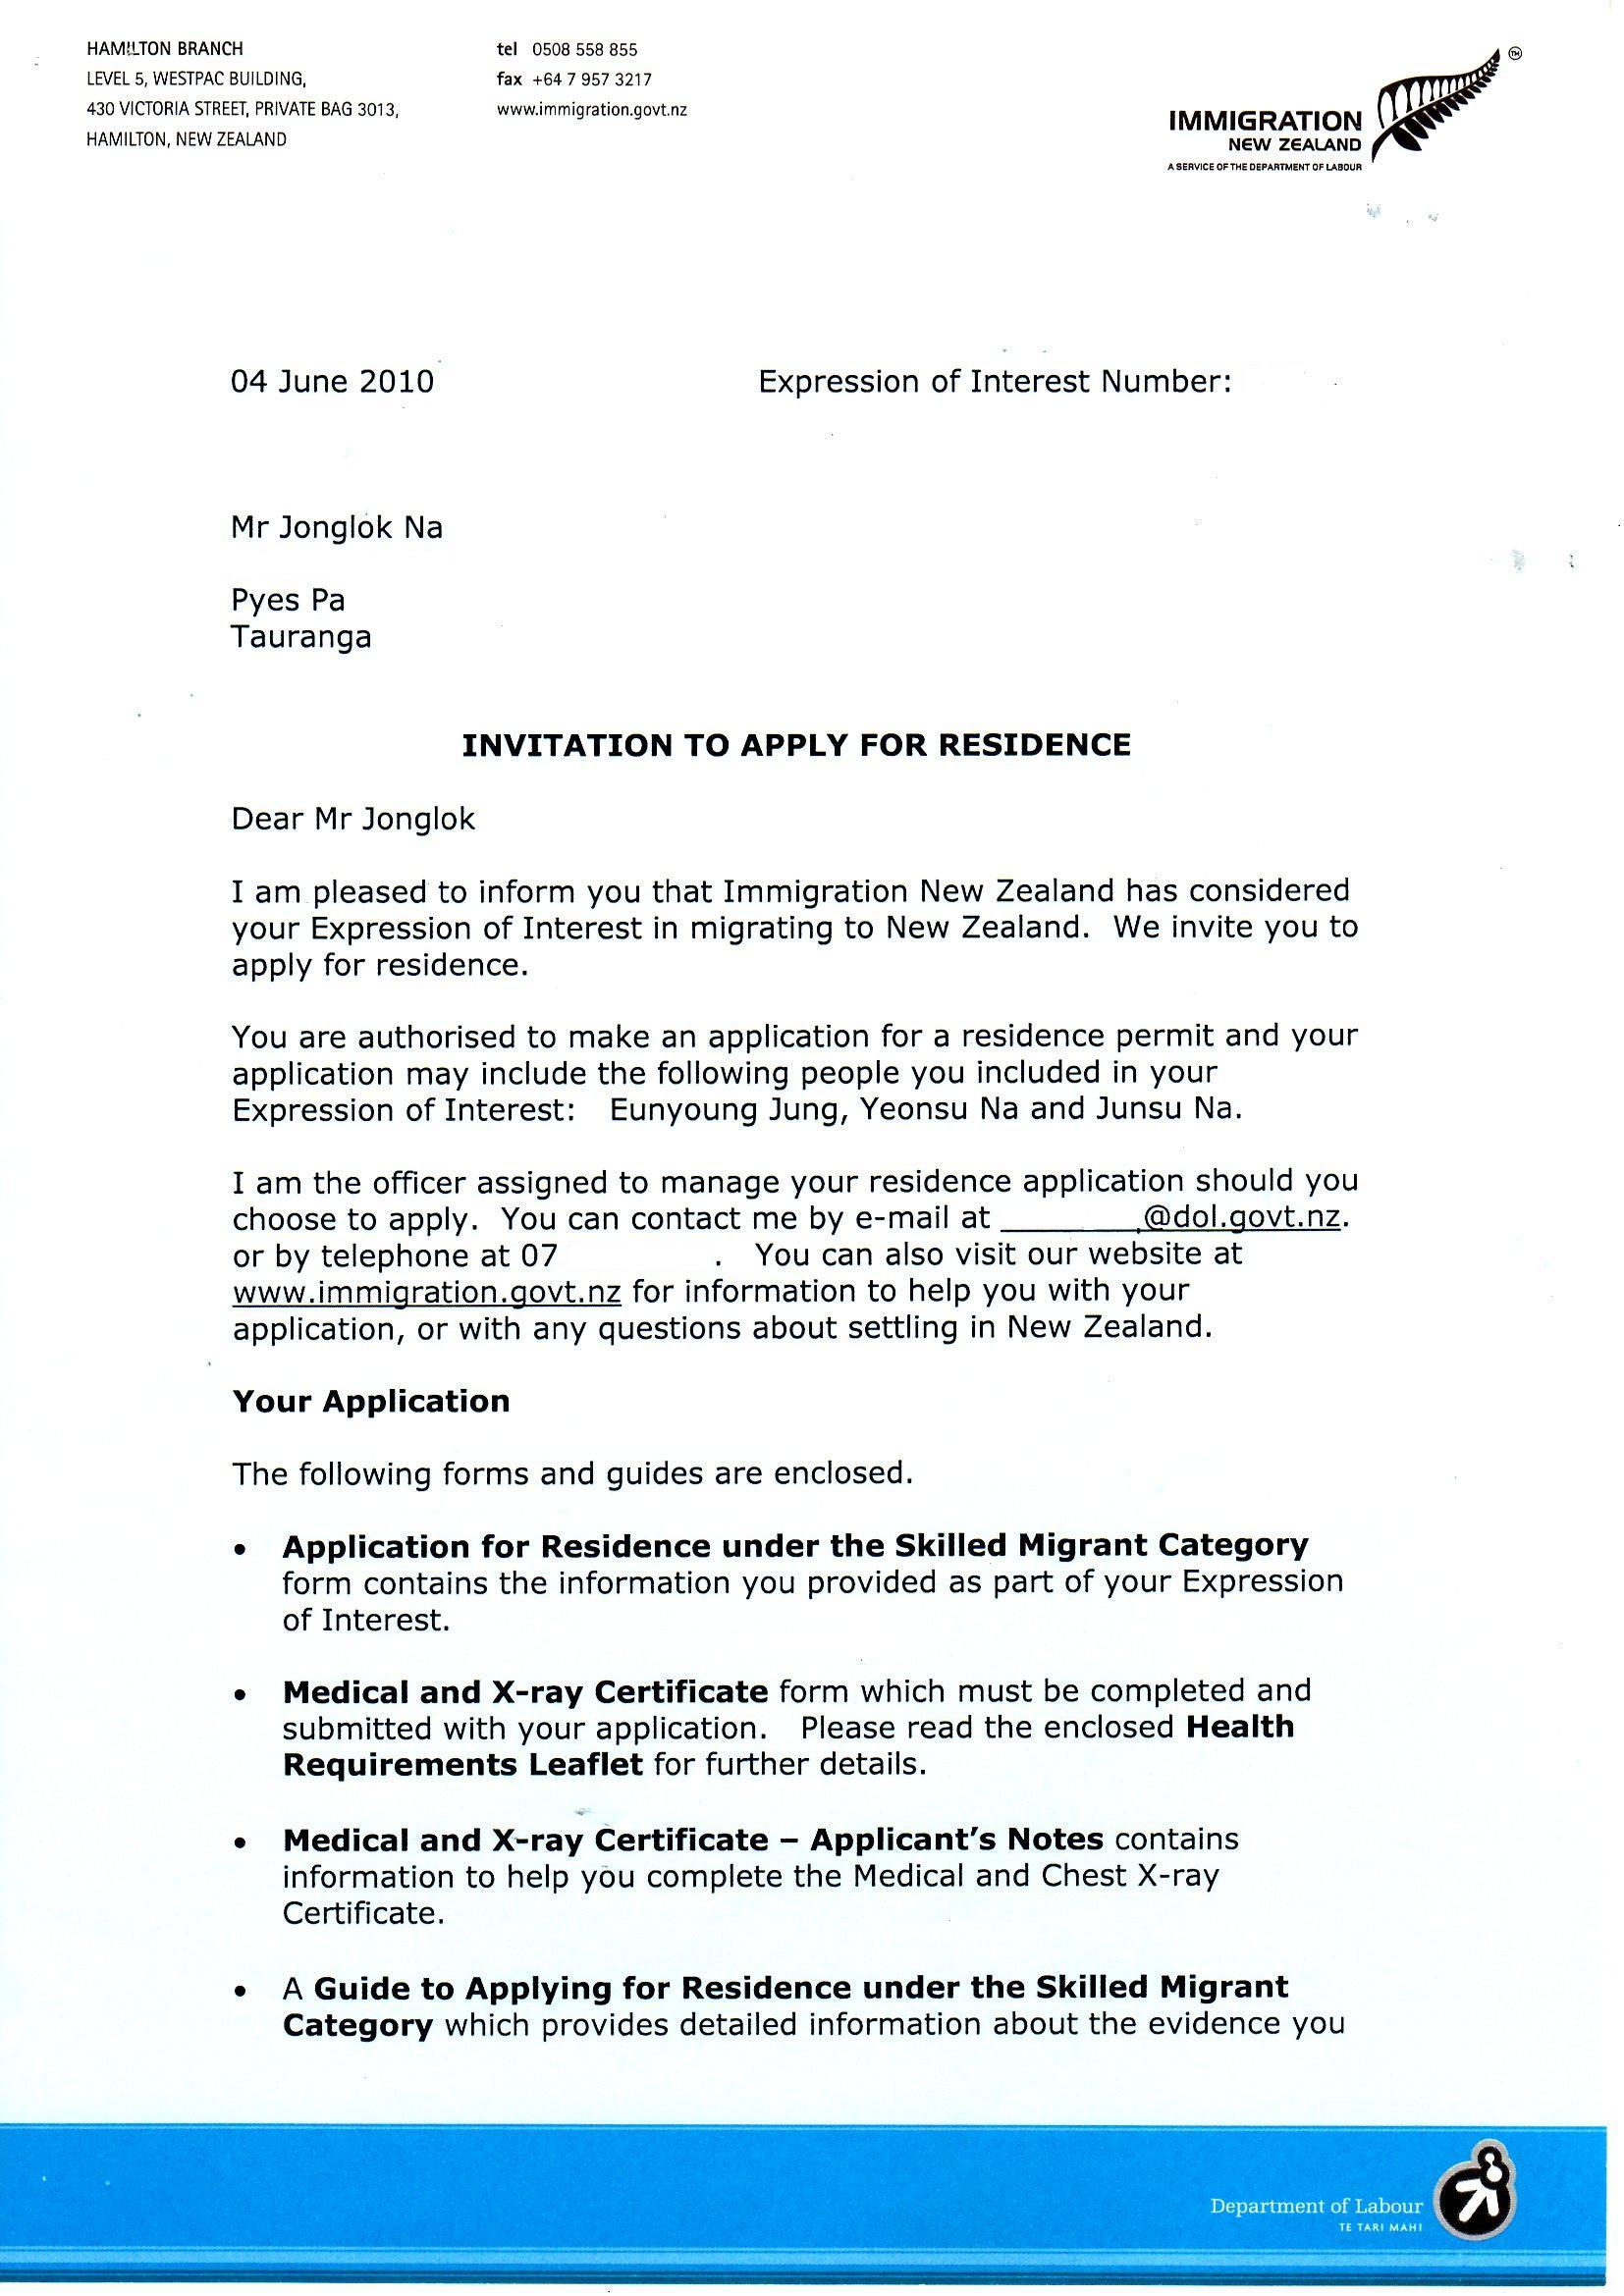 johnna의 뉴질랜드 :: 뉴질랜드 invitation letter(초청장) 와 영주권 서류접수